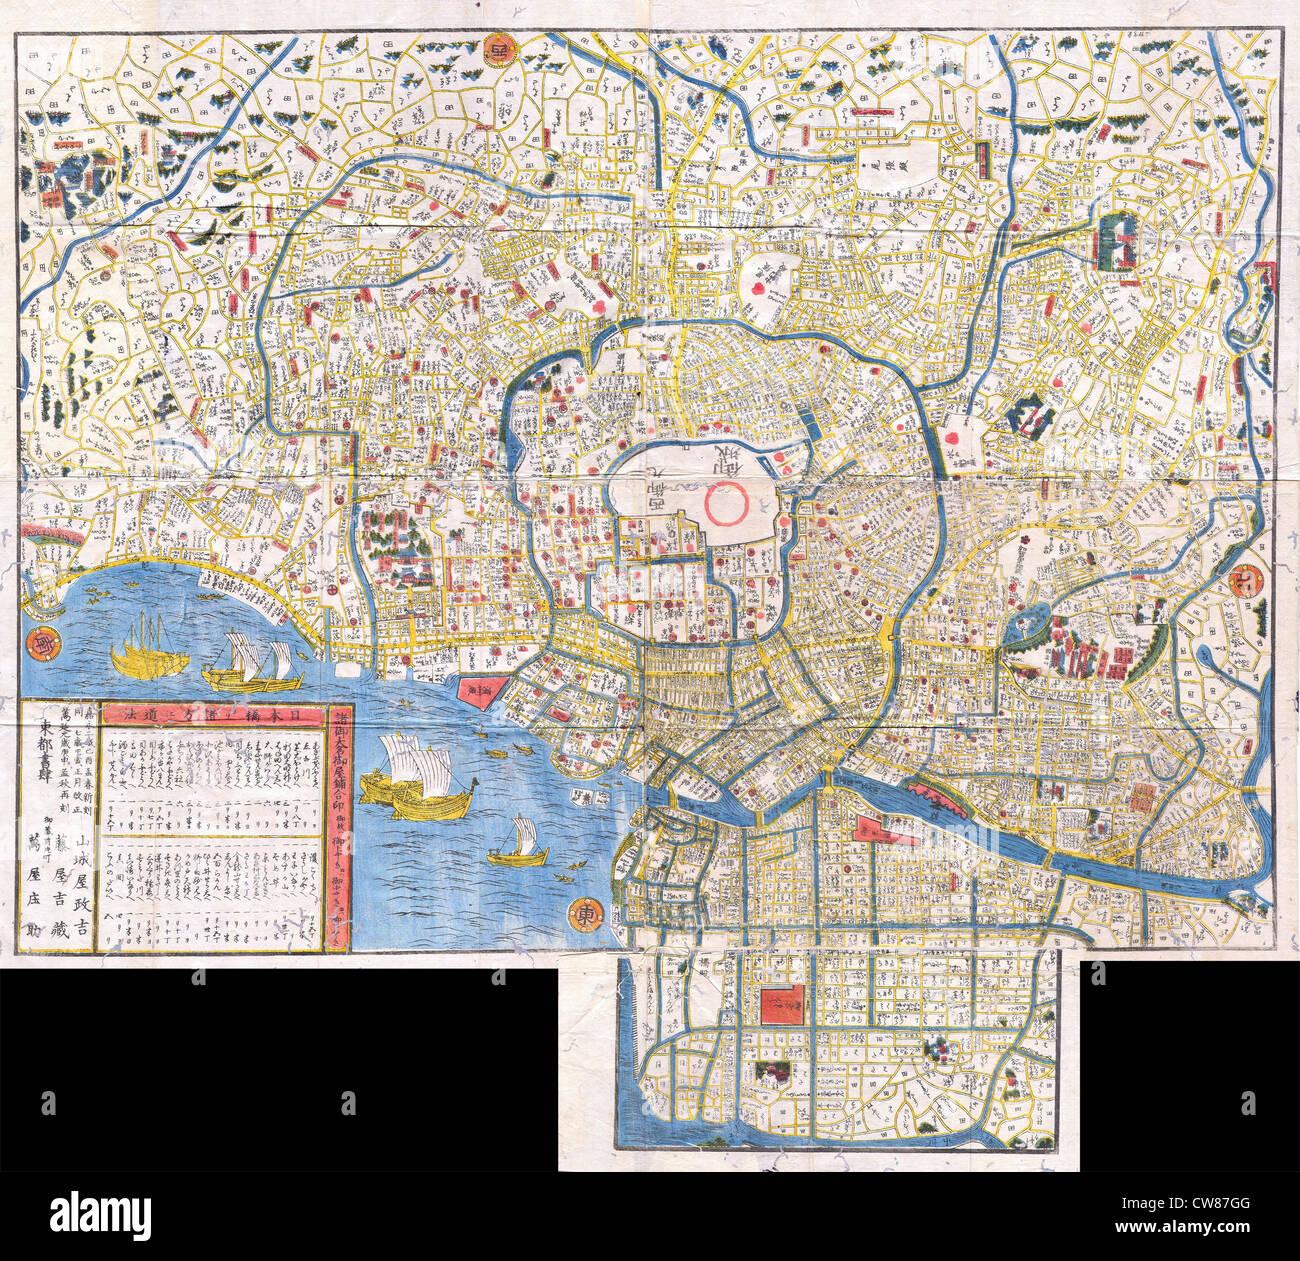 1849 Periodo Edo giapponese xilografia Mappa di Edo o a Tokyo Giappone Immagini Stock